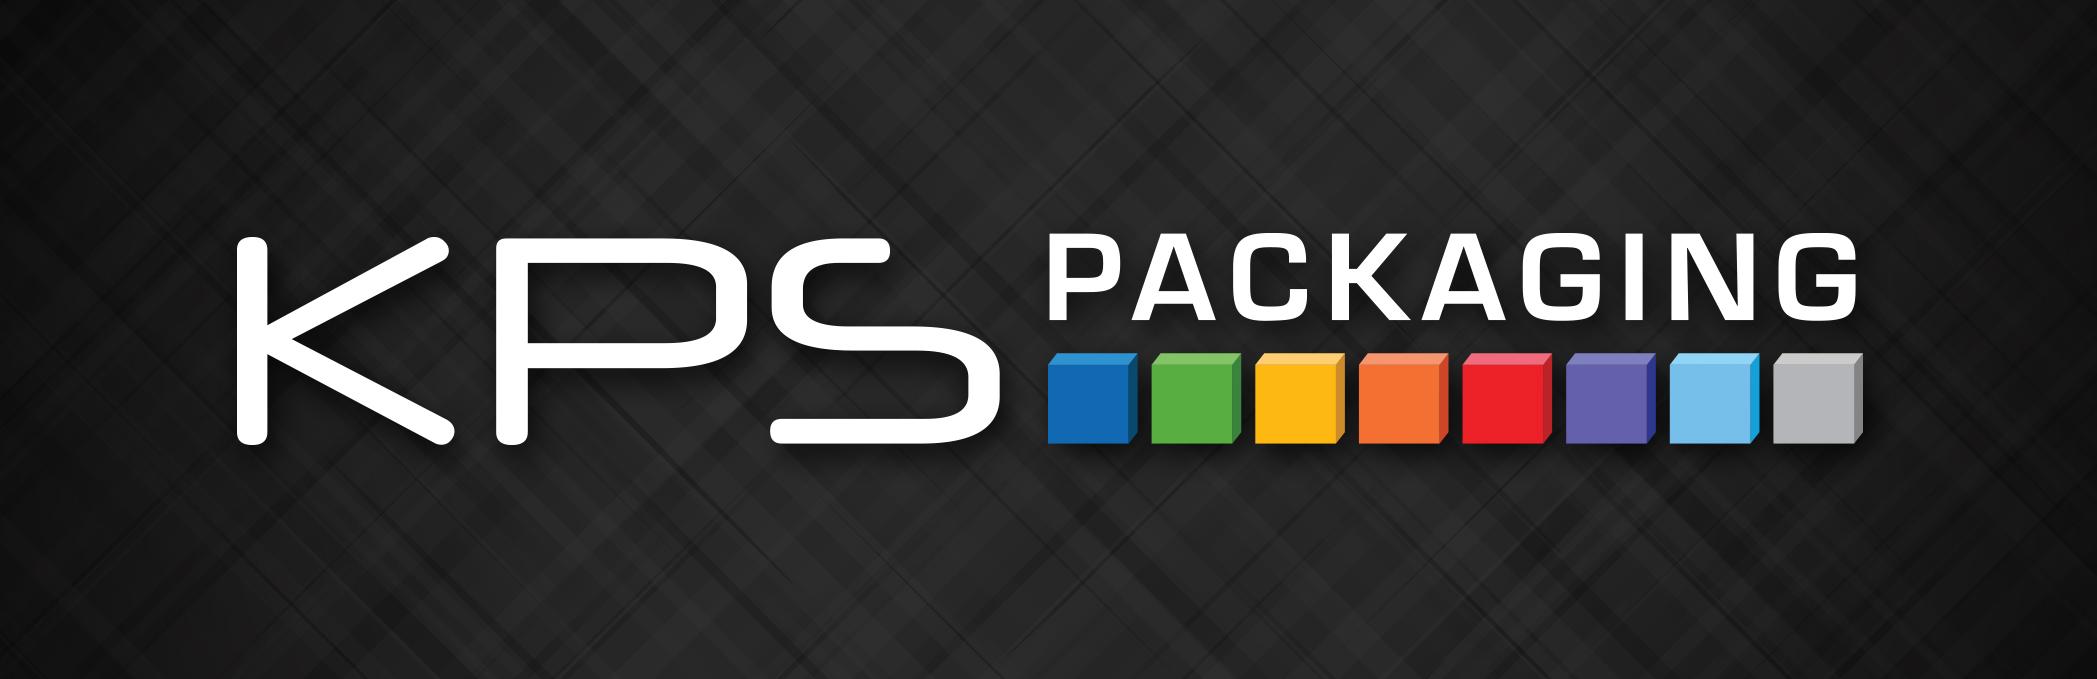 KPS PACKAGING NEW WEBSITE!